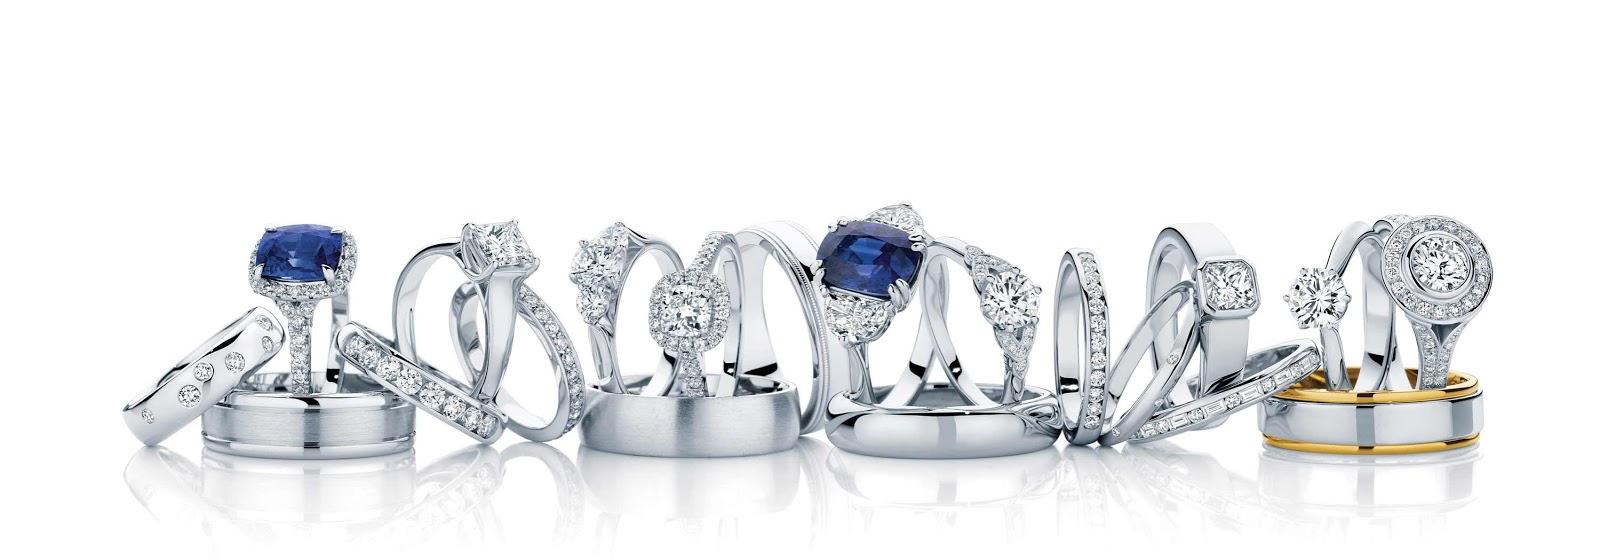 Compra venta diamantes barcelona